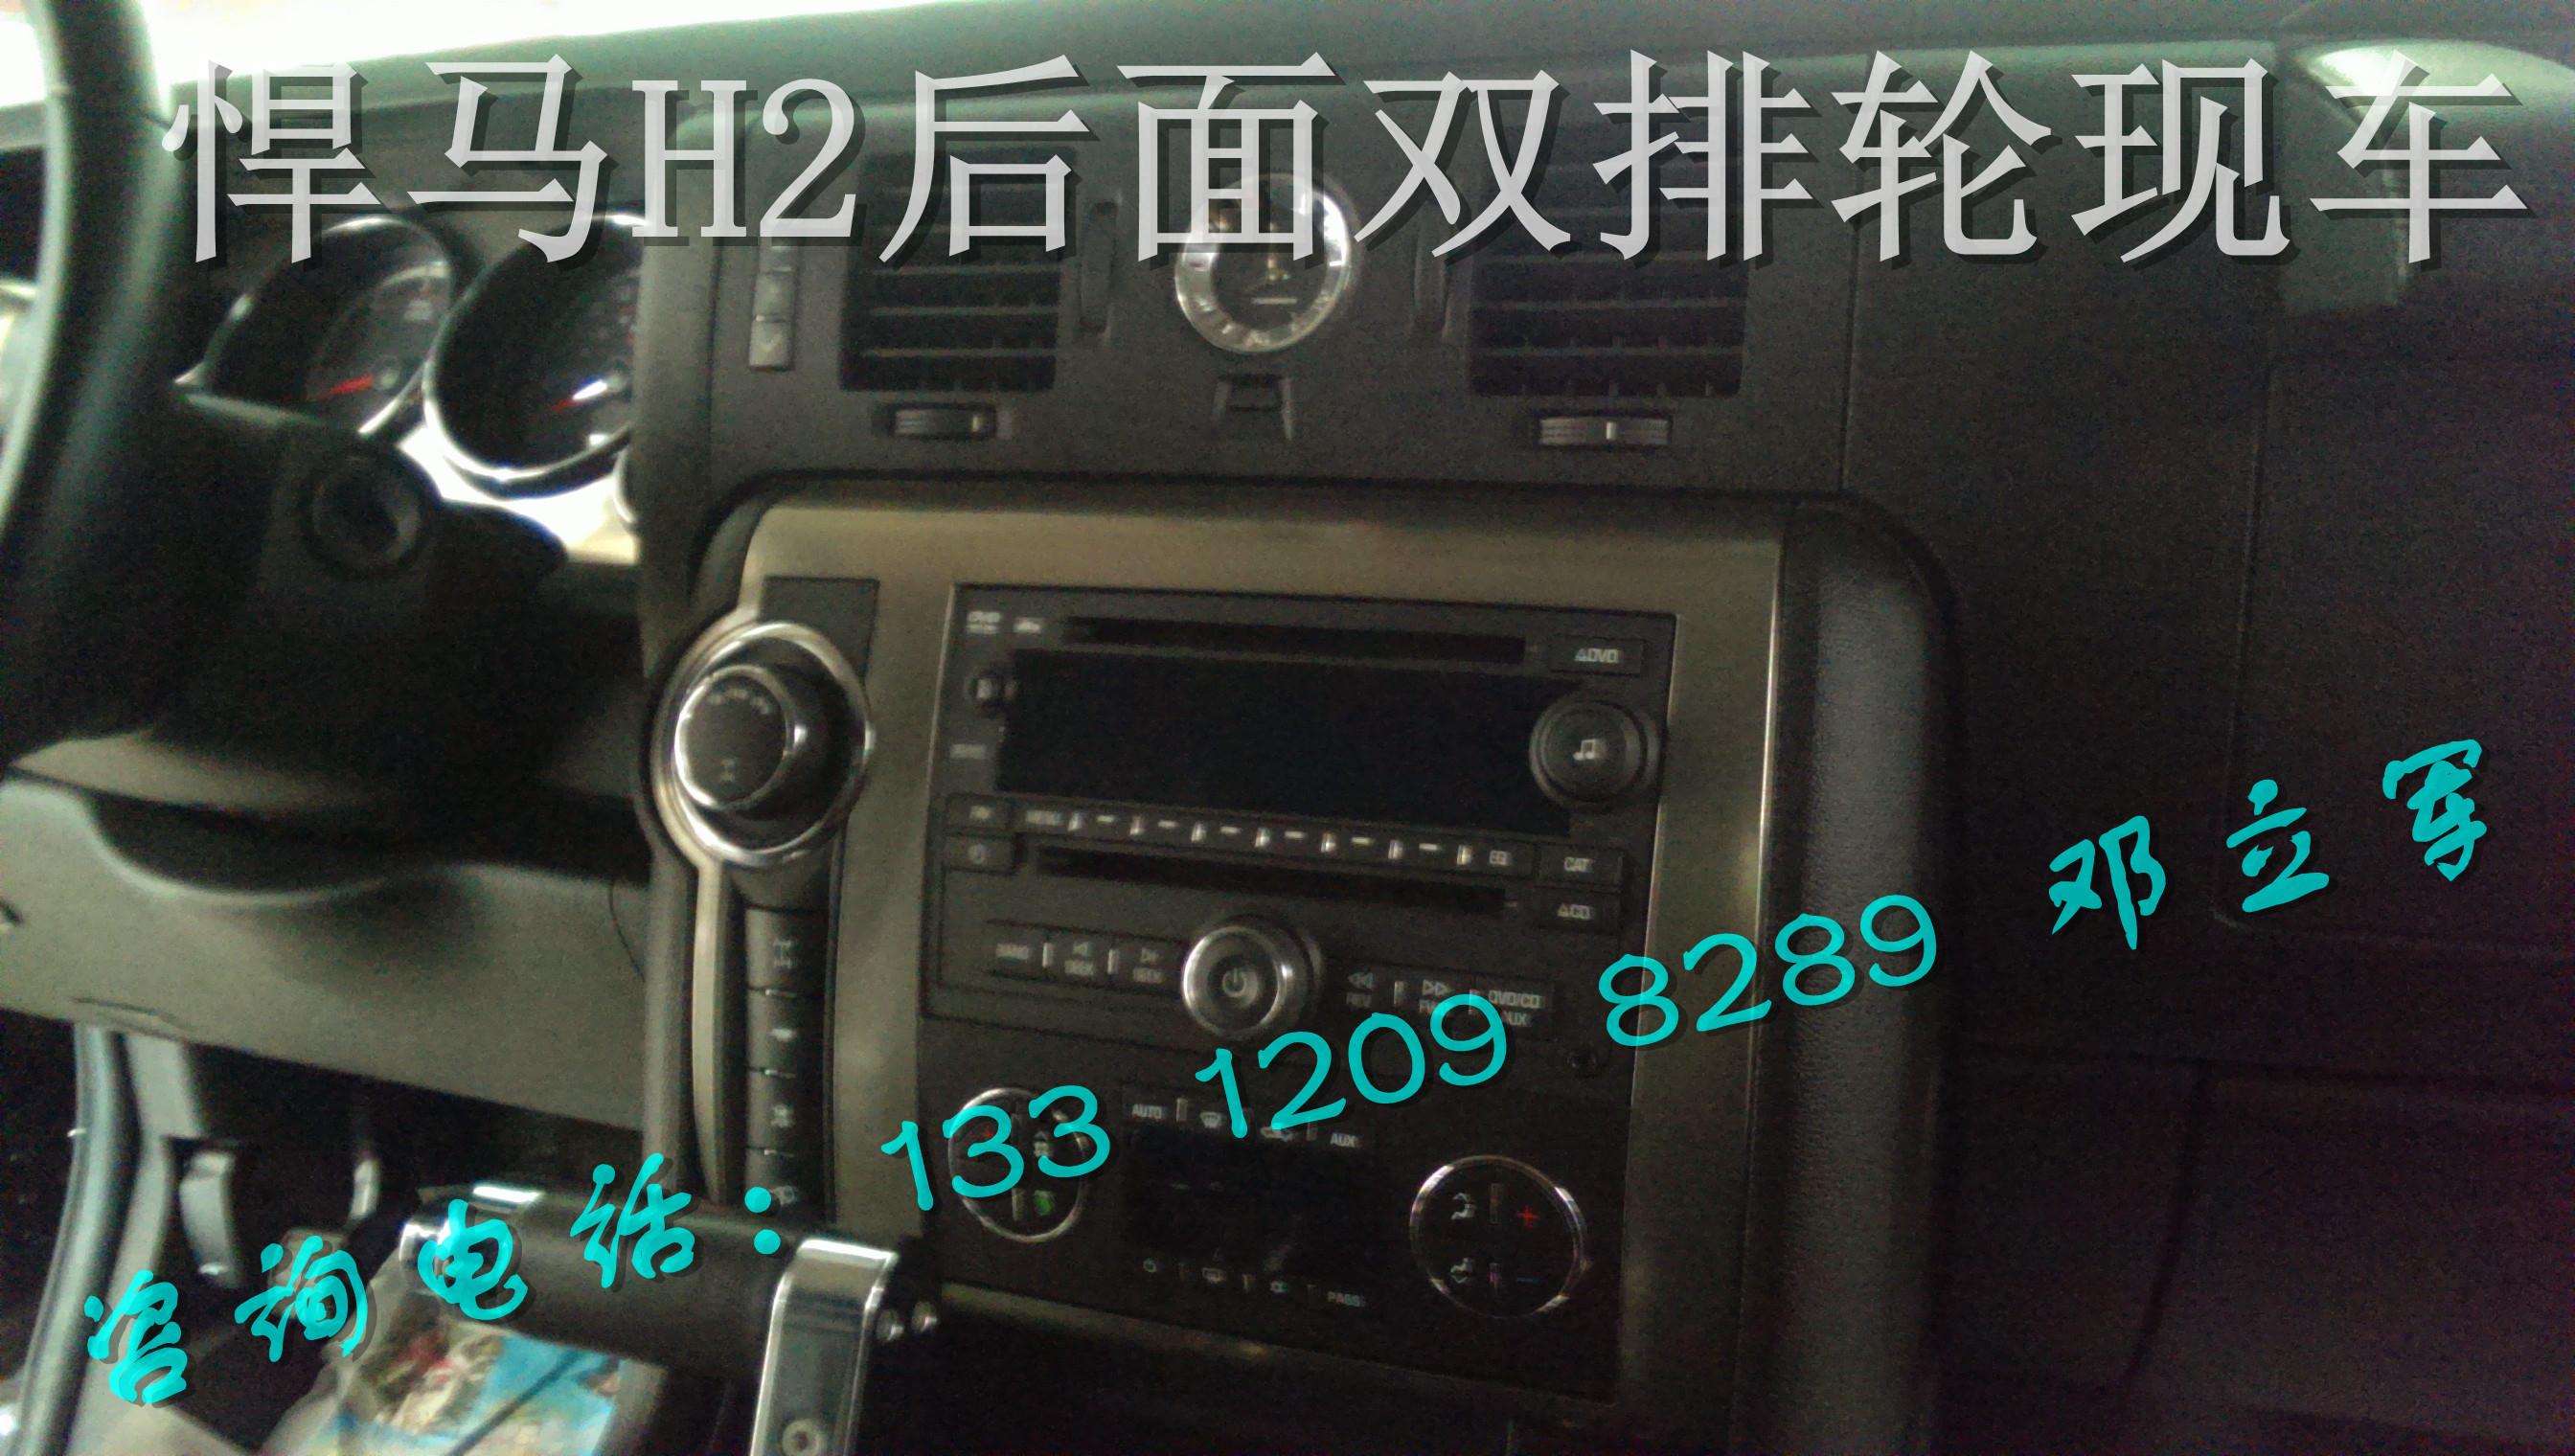 越野e族切诺基213改装,吉普213越野汽车改装,jeep213改装越高清图片